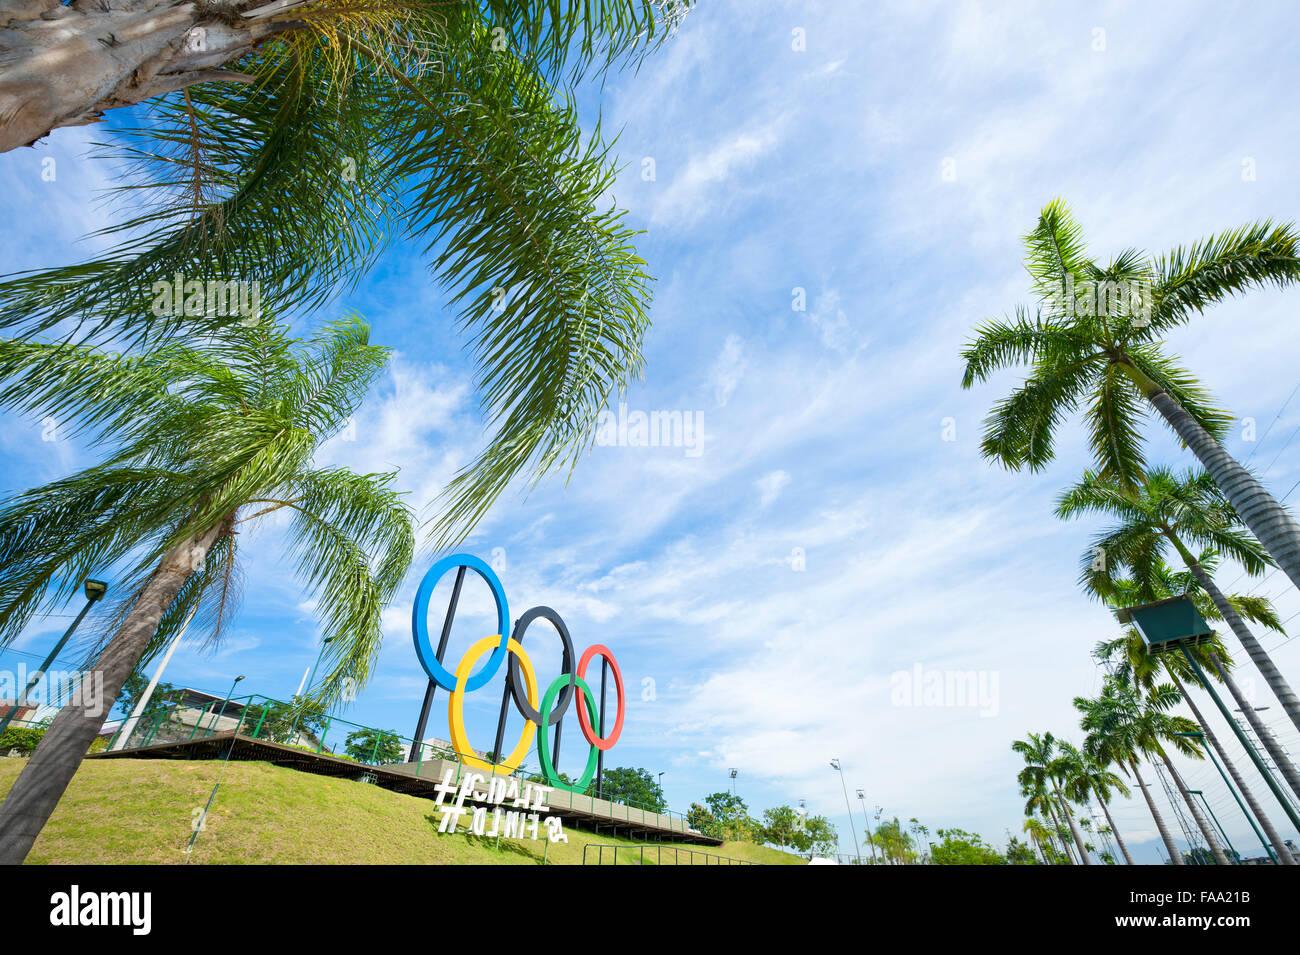 RIO DE JANEIRO, Brésil - 31 octobre 2015: anneaux olympiques se tiennent près de grands palmiers Photo Stock